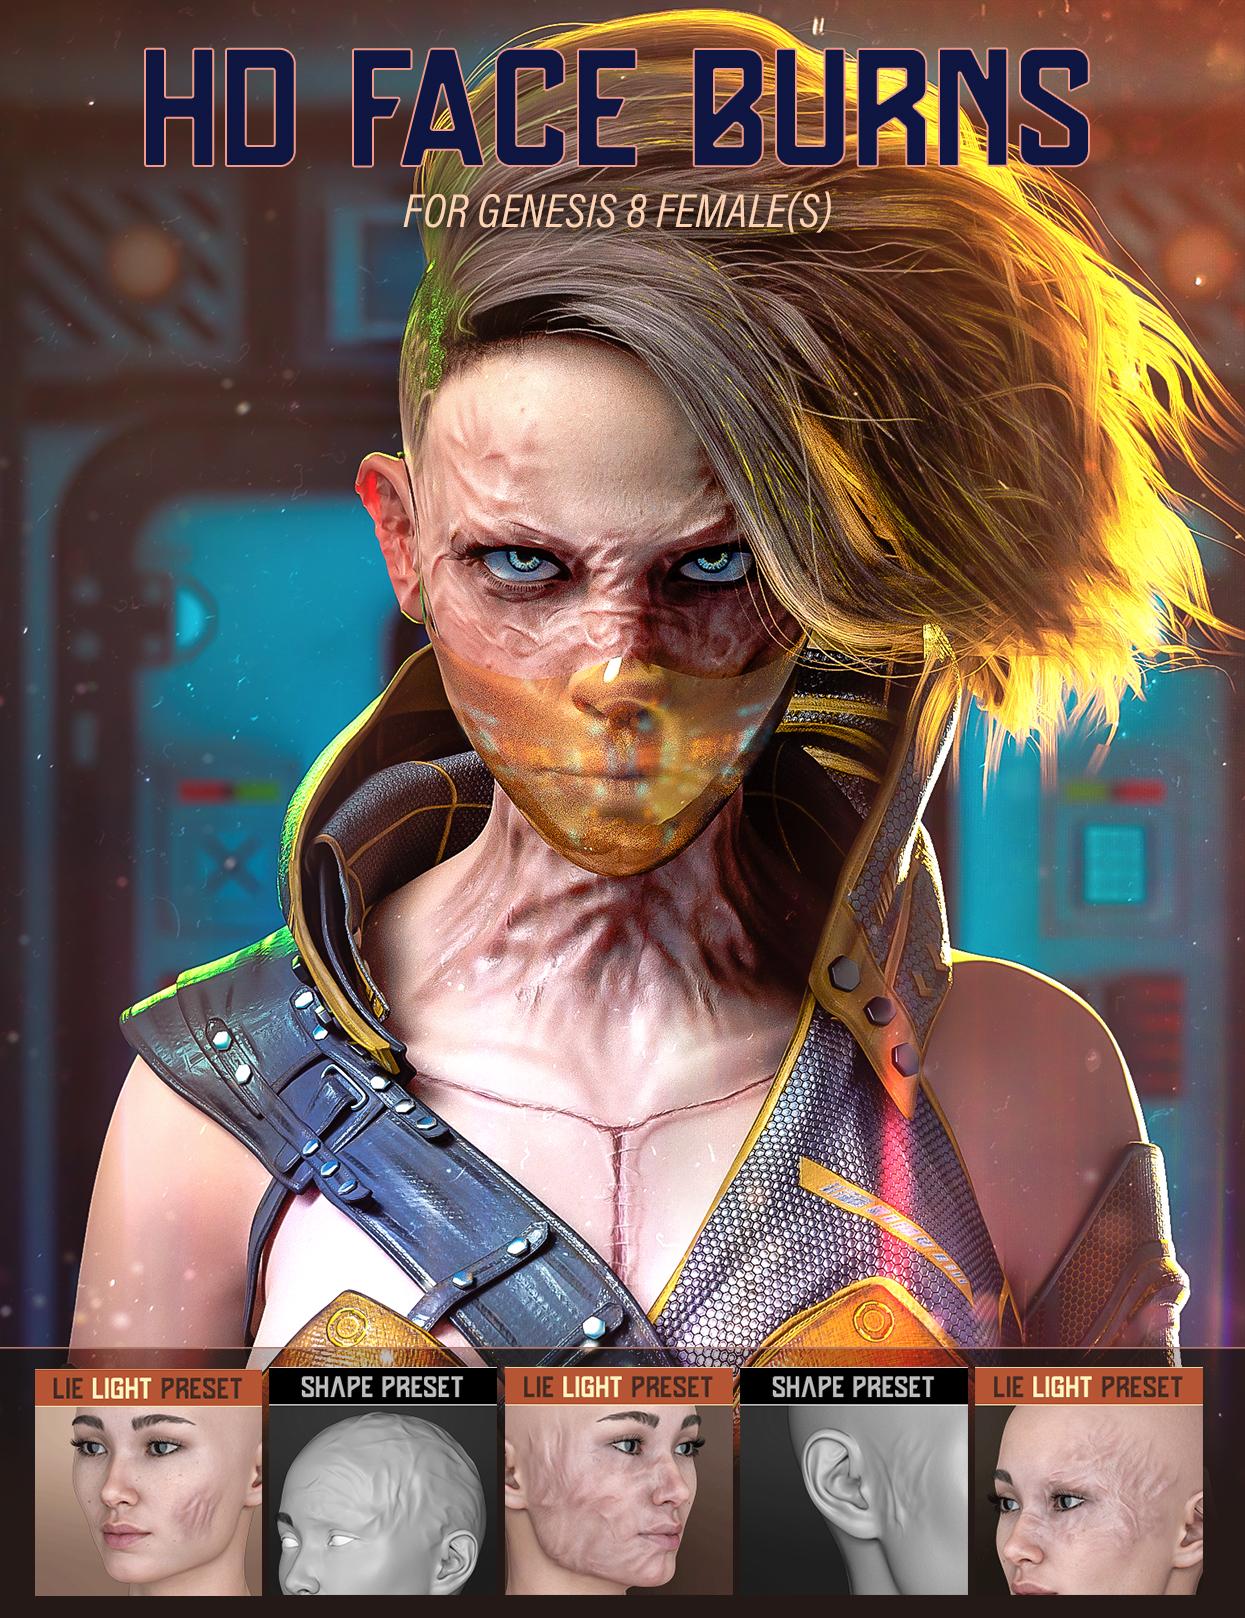 HD Face Burns for Genesis 8 Females by: FenixPhoenixEsid, 3D Models by Daz 3D